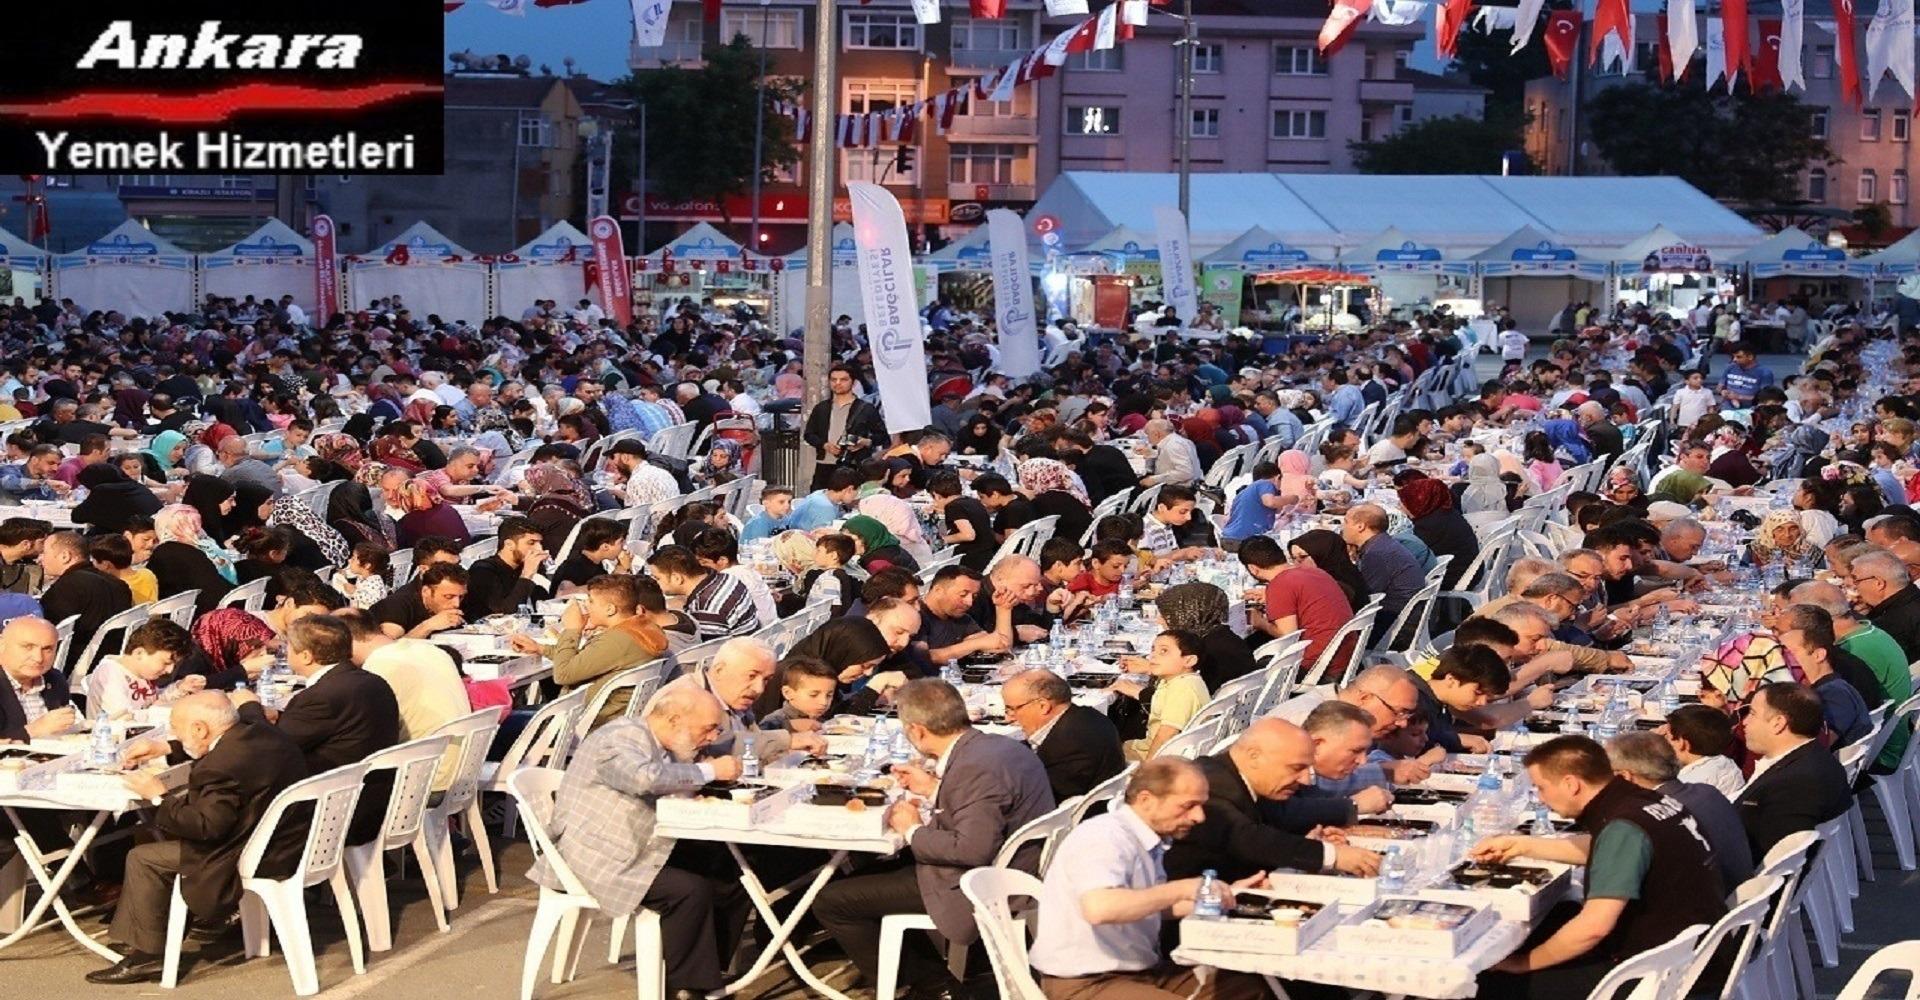 Ankara-Toplu Yemek Siparişi